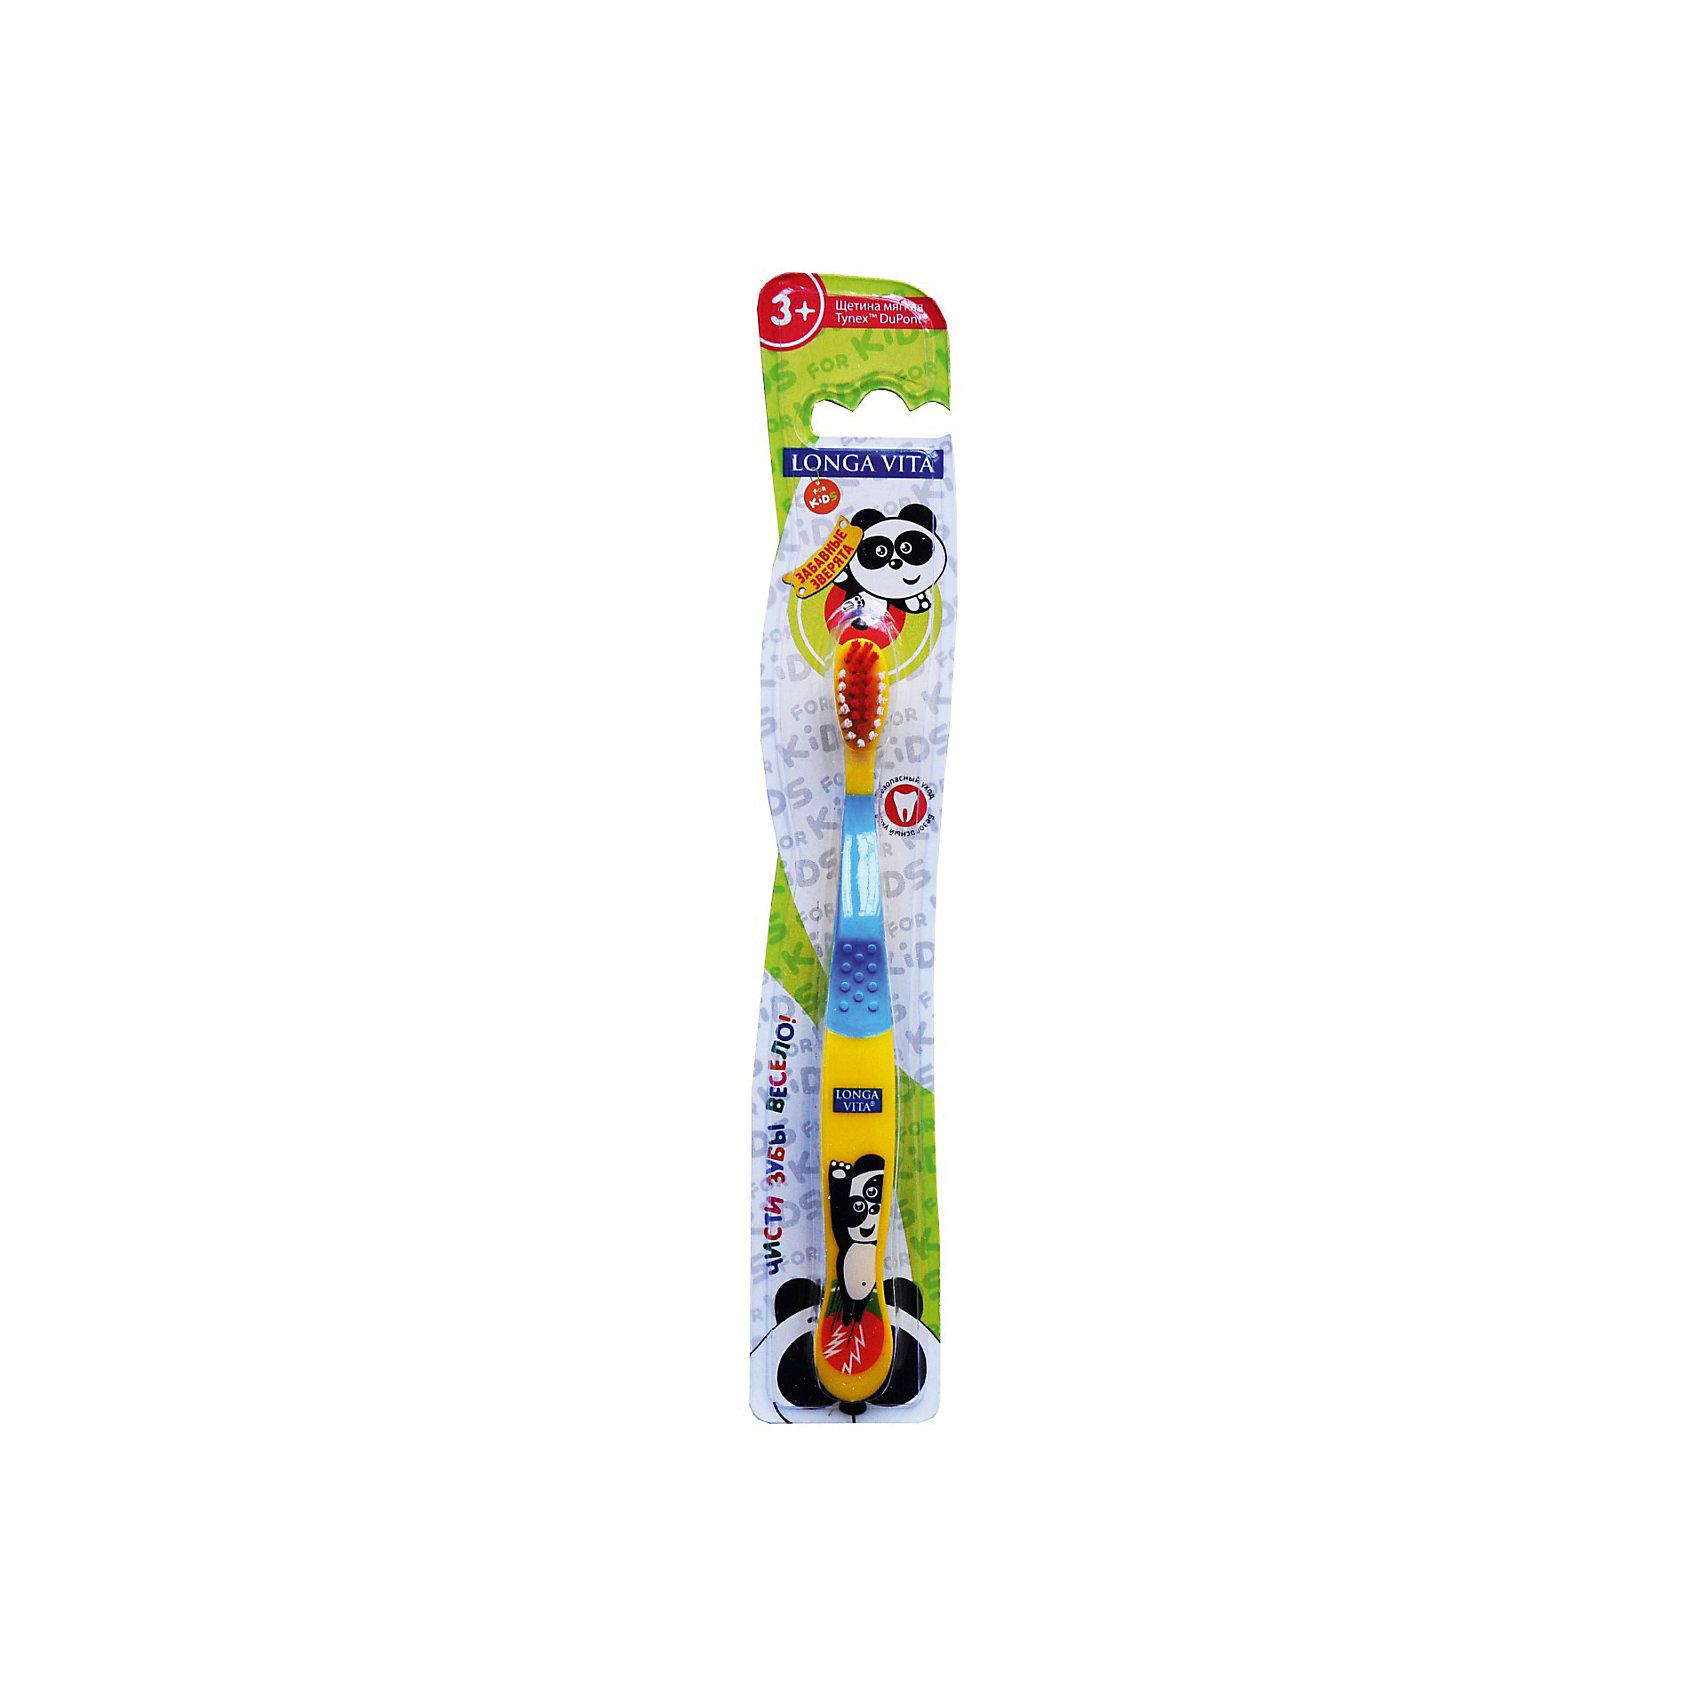 LONGA VITA Детская зубная щетка Забавные зверята, от 3-х лет, арт. S-138, LONGA VITA, желтый longa vita longa vita зубная щетка winx с мигающим таймером от 3 х лет голубая